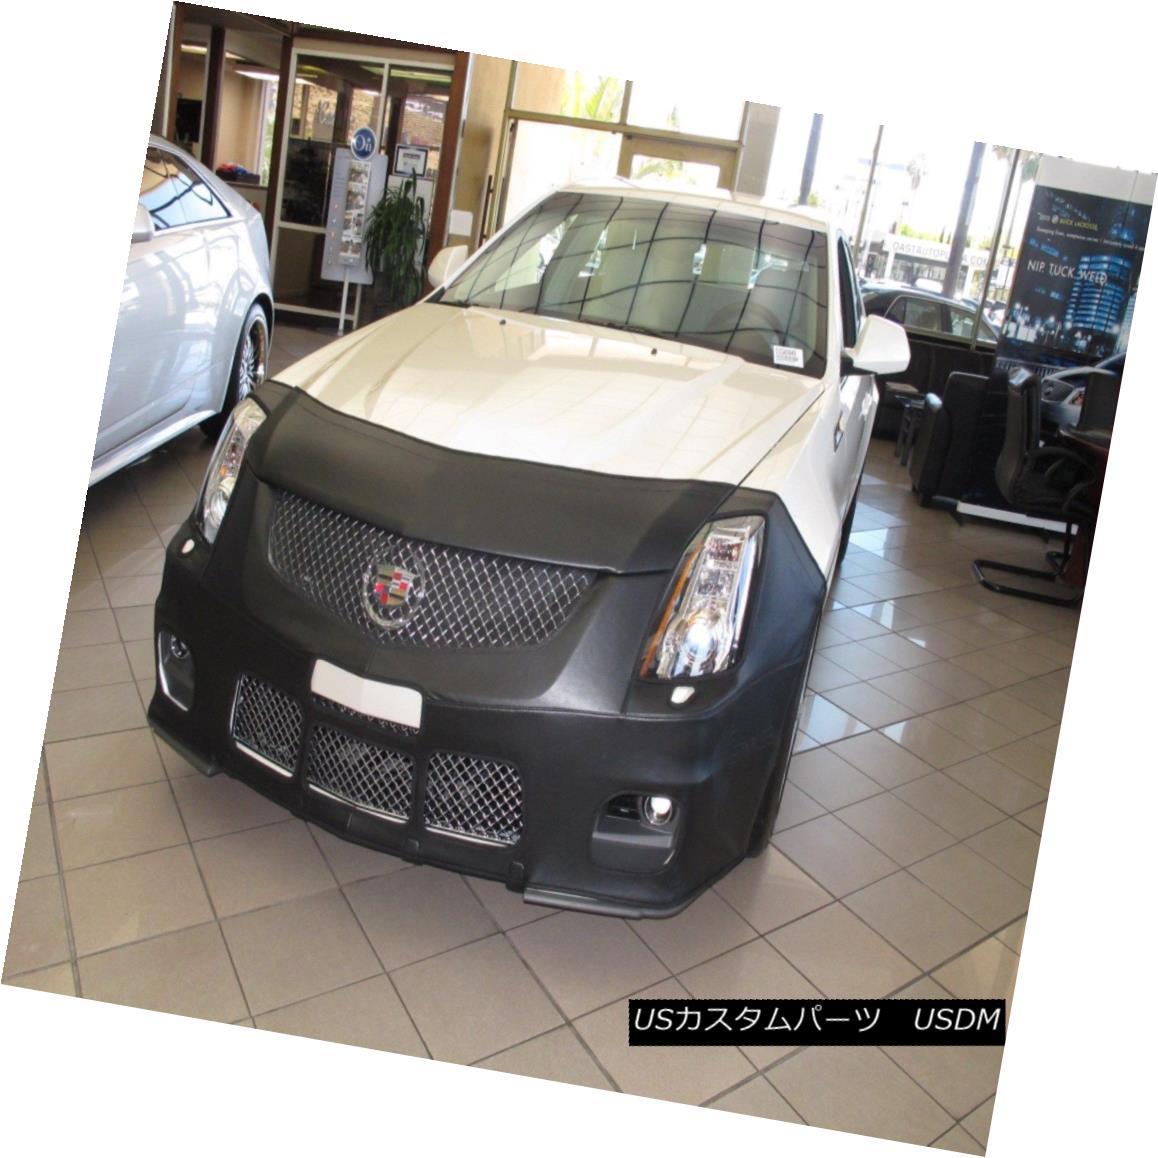 フルブラ ノーズブラ Colgan Front End Mask Bra 2pc. Fits Cadillac CTS-V Only 09-15 W/O TAG, W/Washers コルガンフロントエンドマスクブラ2pc Cadillac CTS-Vにのみ適合09-15 W / O TAG、ワッシャー付き